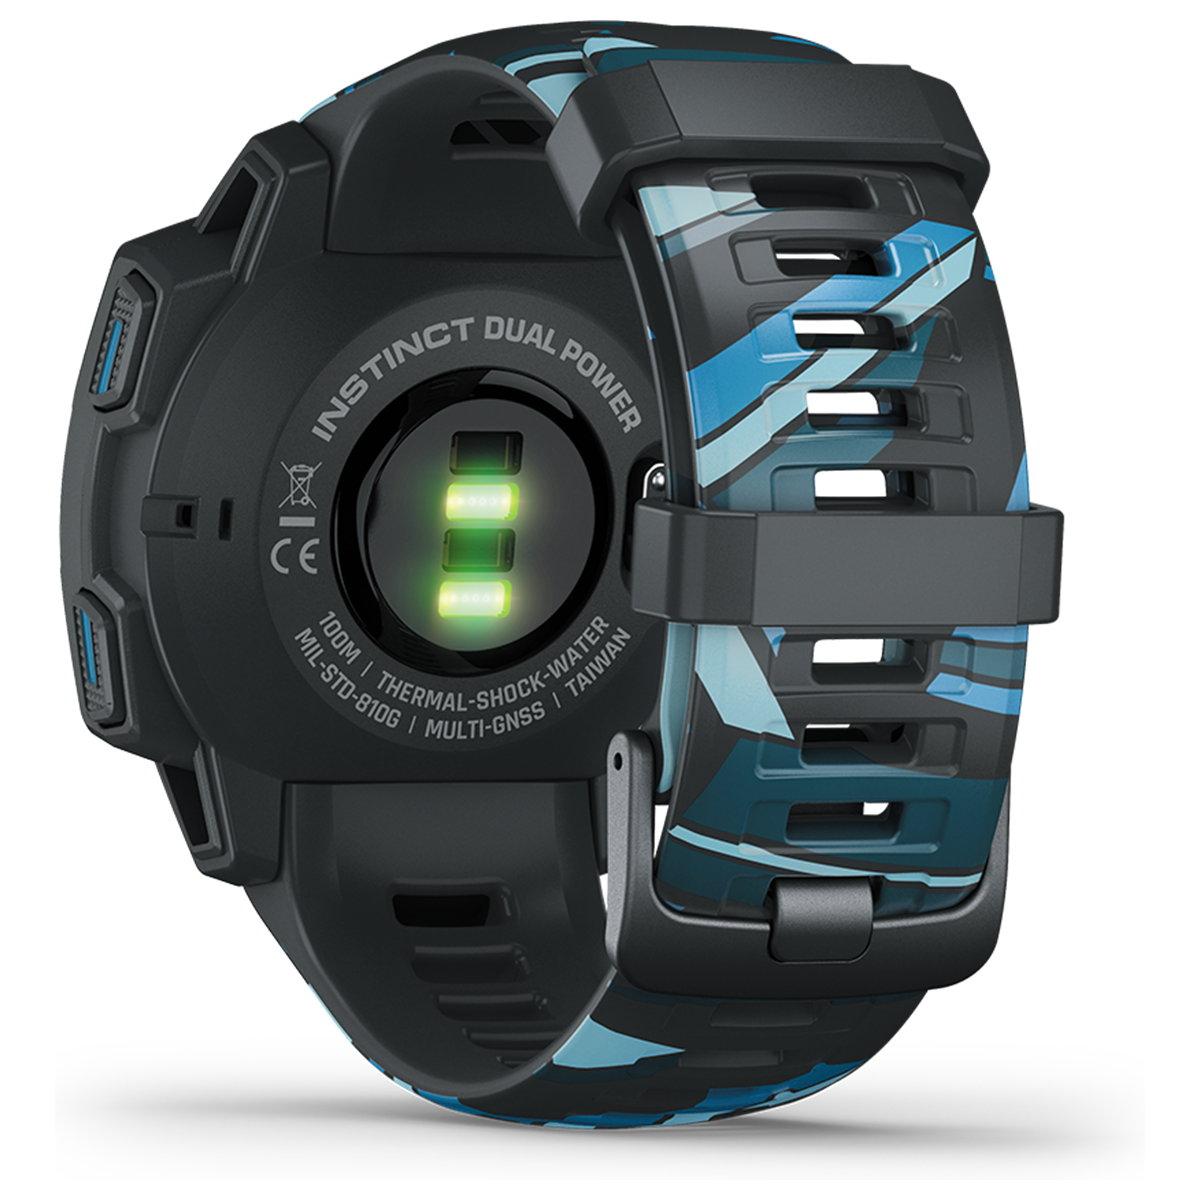 ガーミン GARMIN Instinct Dual Power Graphite Surf Edition Pipeline インスティンクト デュアルパワー スマートウォッチ ウェアラブル GPS ソーラー 腕時計 010-02293-58